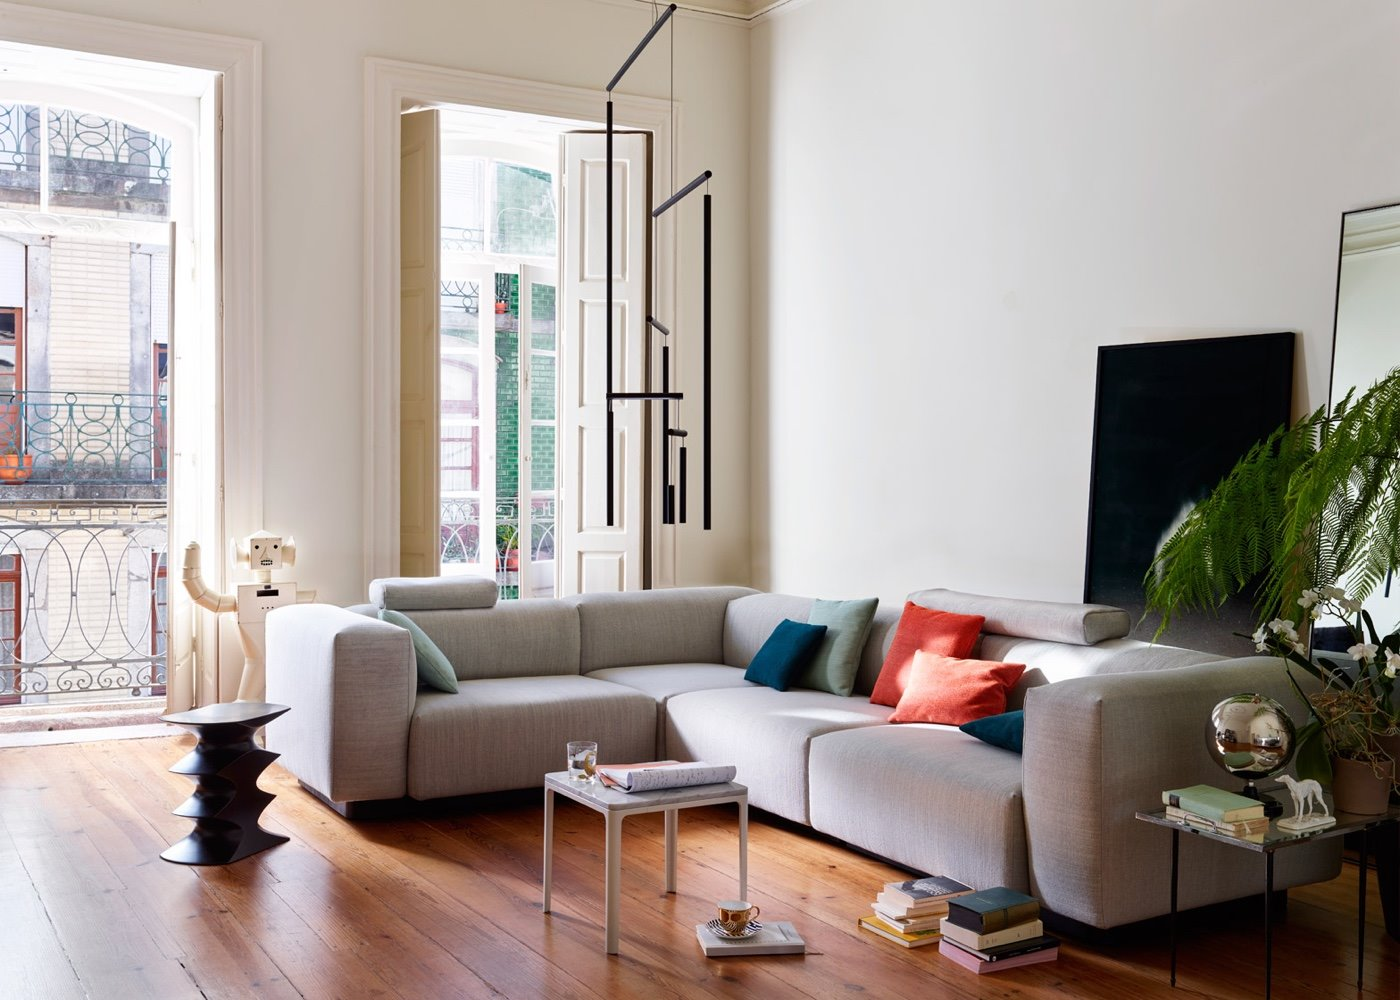 salon con sofa modular suelo de madera